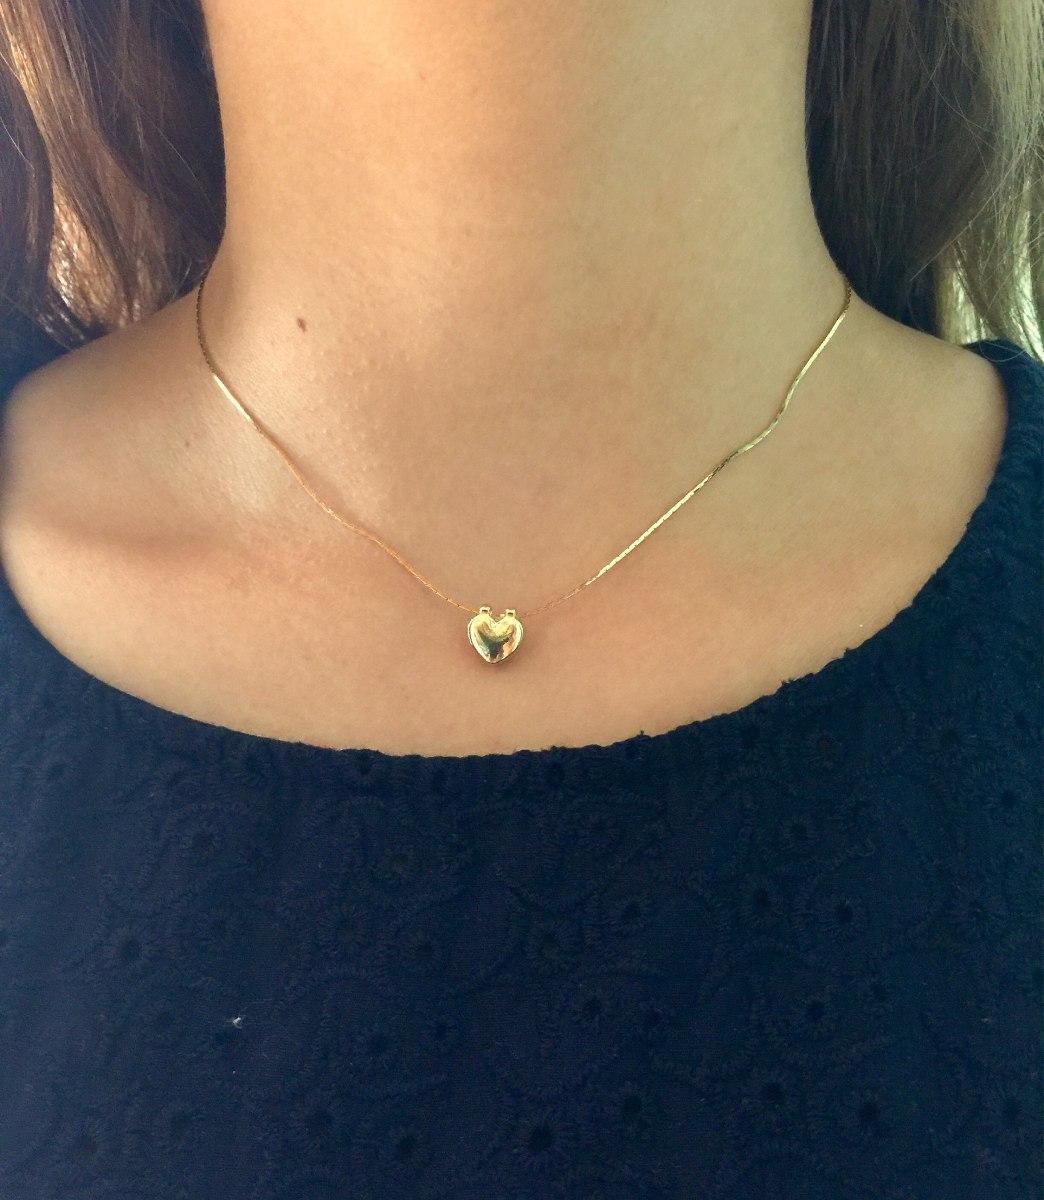 611cdd9783b6 Collar Chapa De Oro 10k Iniciales Perla Corazón -   250.00 en ...